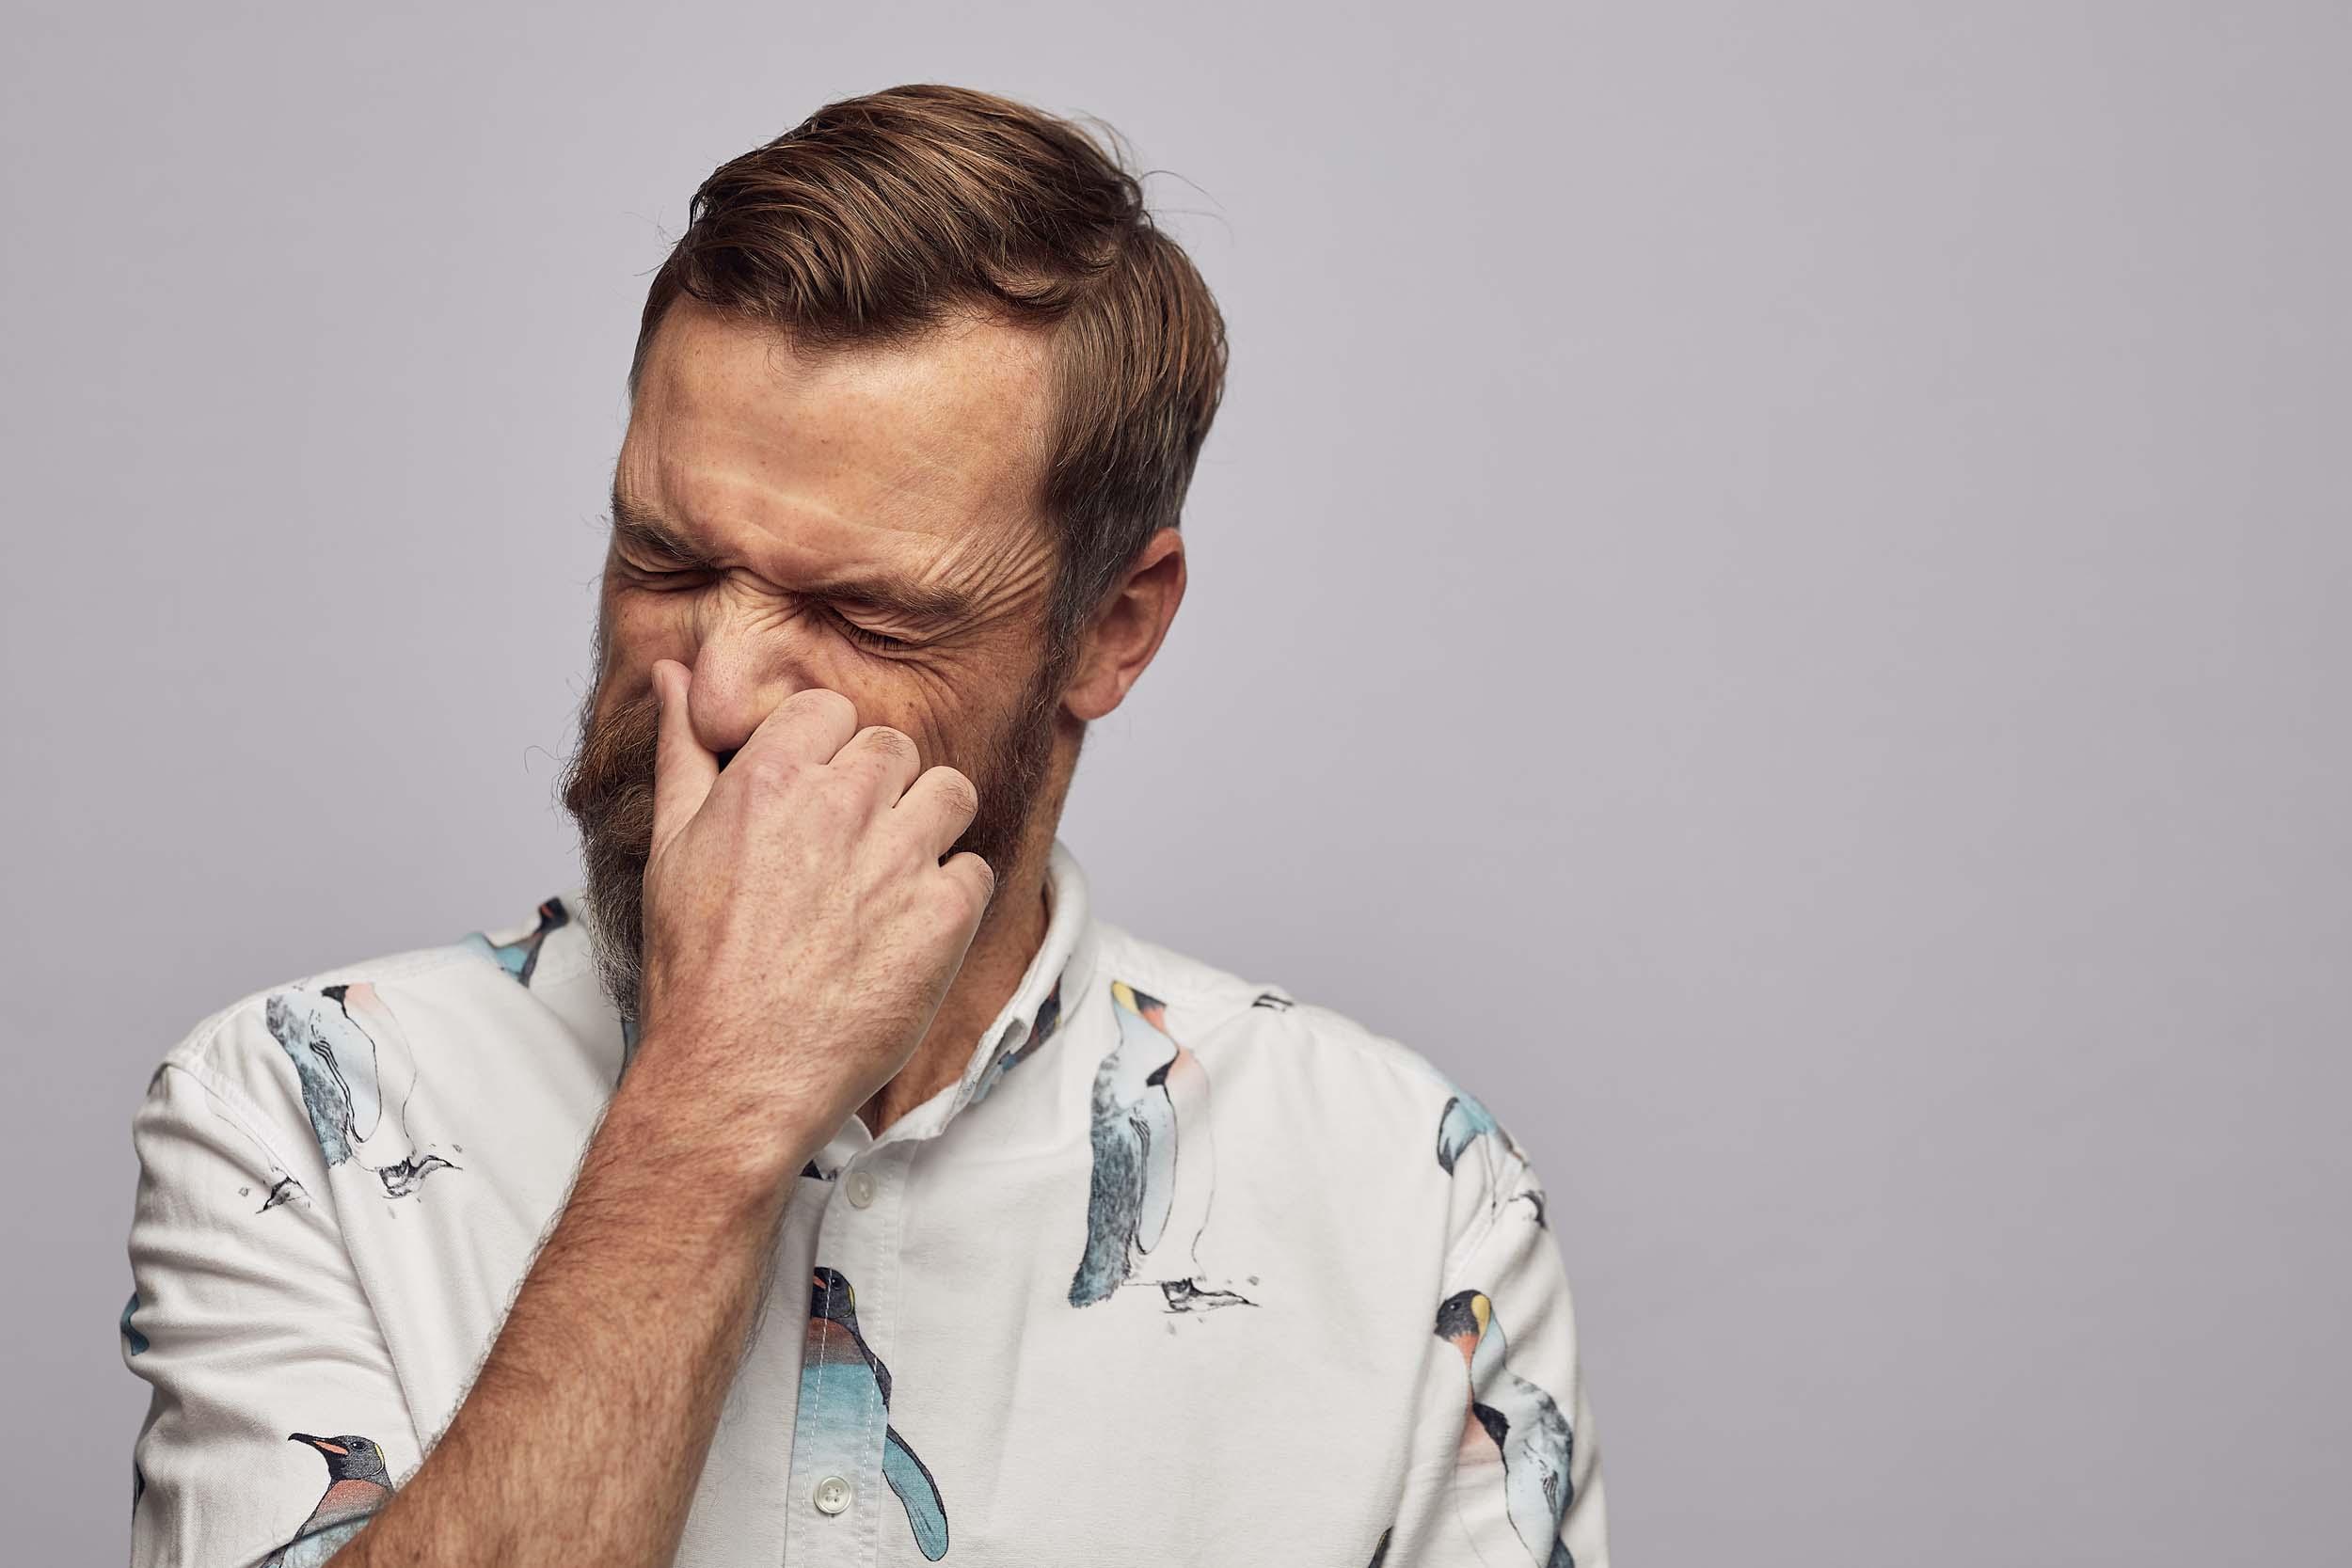 Portræt af skandinavisk mand taget af Portrætfotograf grim studie Århus_033.jpg